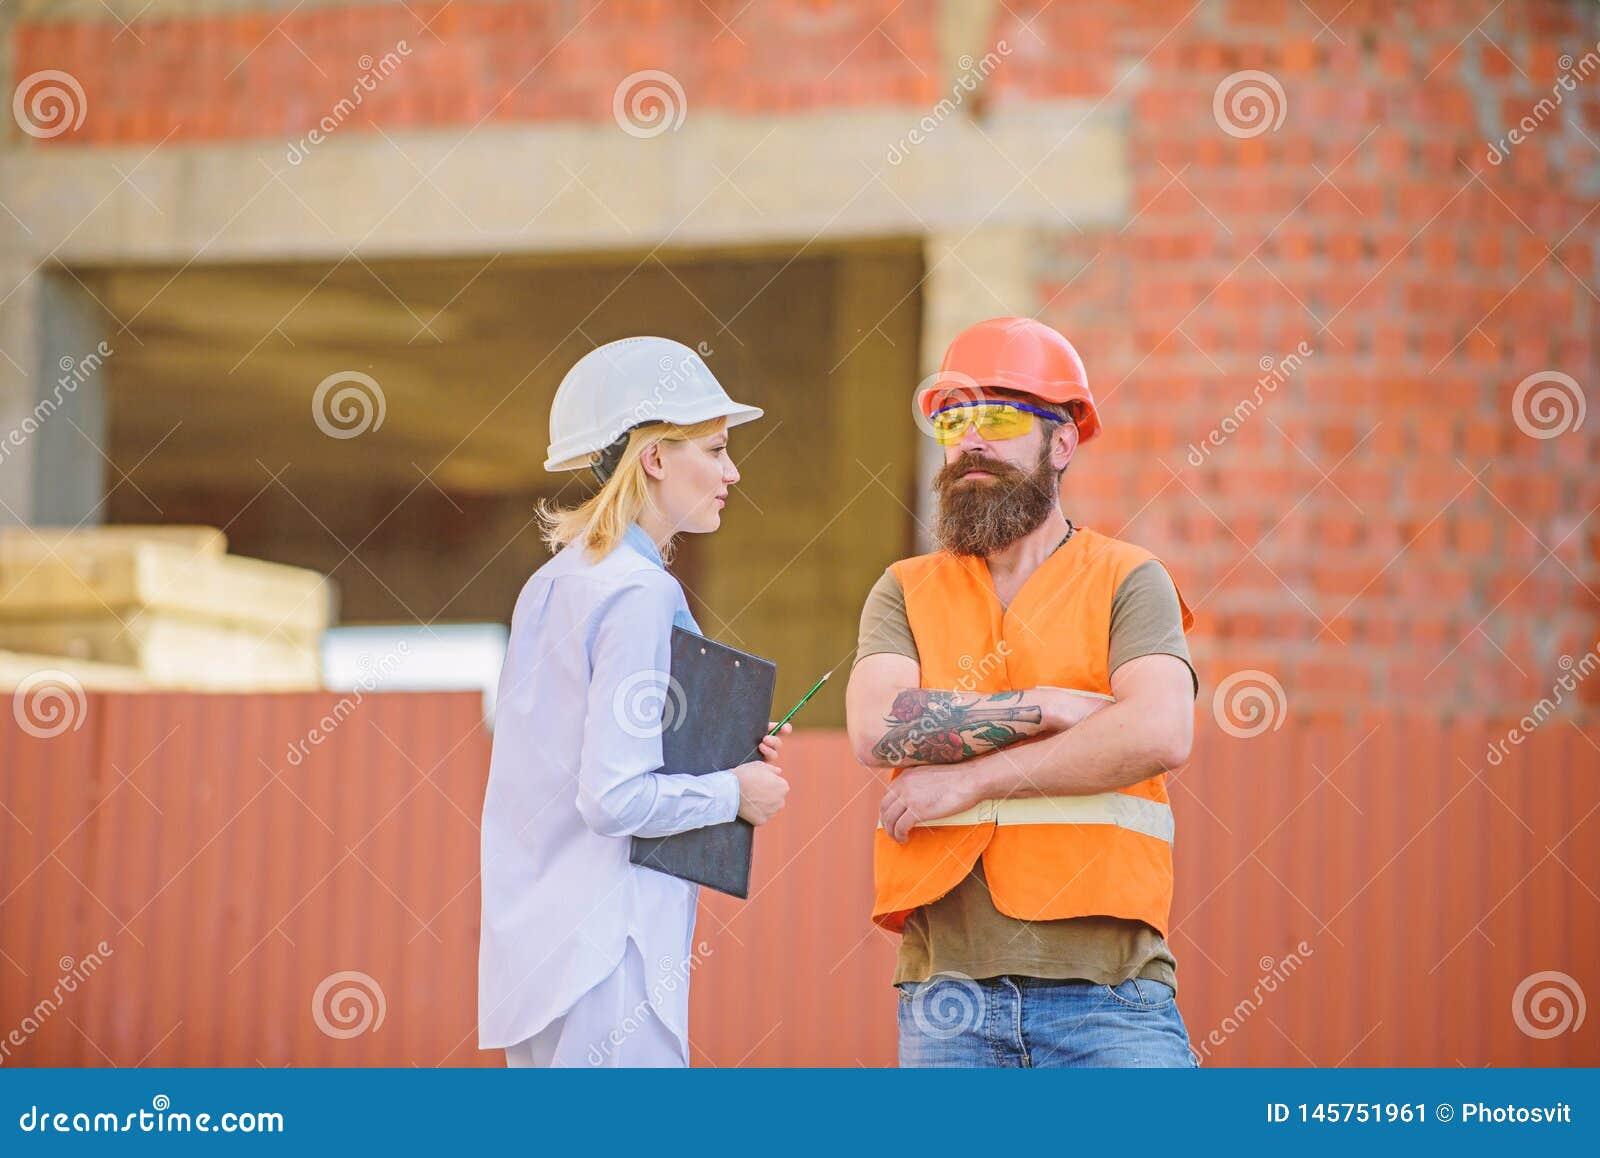 Bouwproject het inspecteren Het concept van de veiligheidsinspecteur De inspectie van de bouwwerfveiligheid Bespreek vooruitgangs